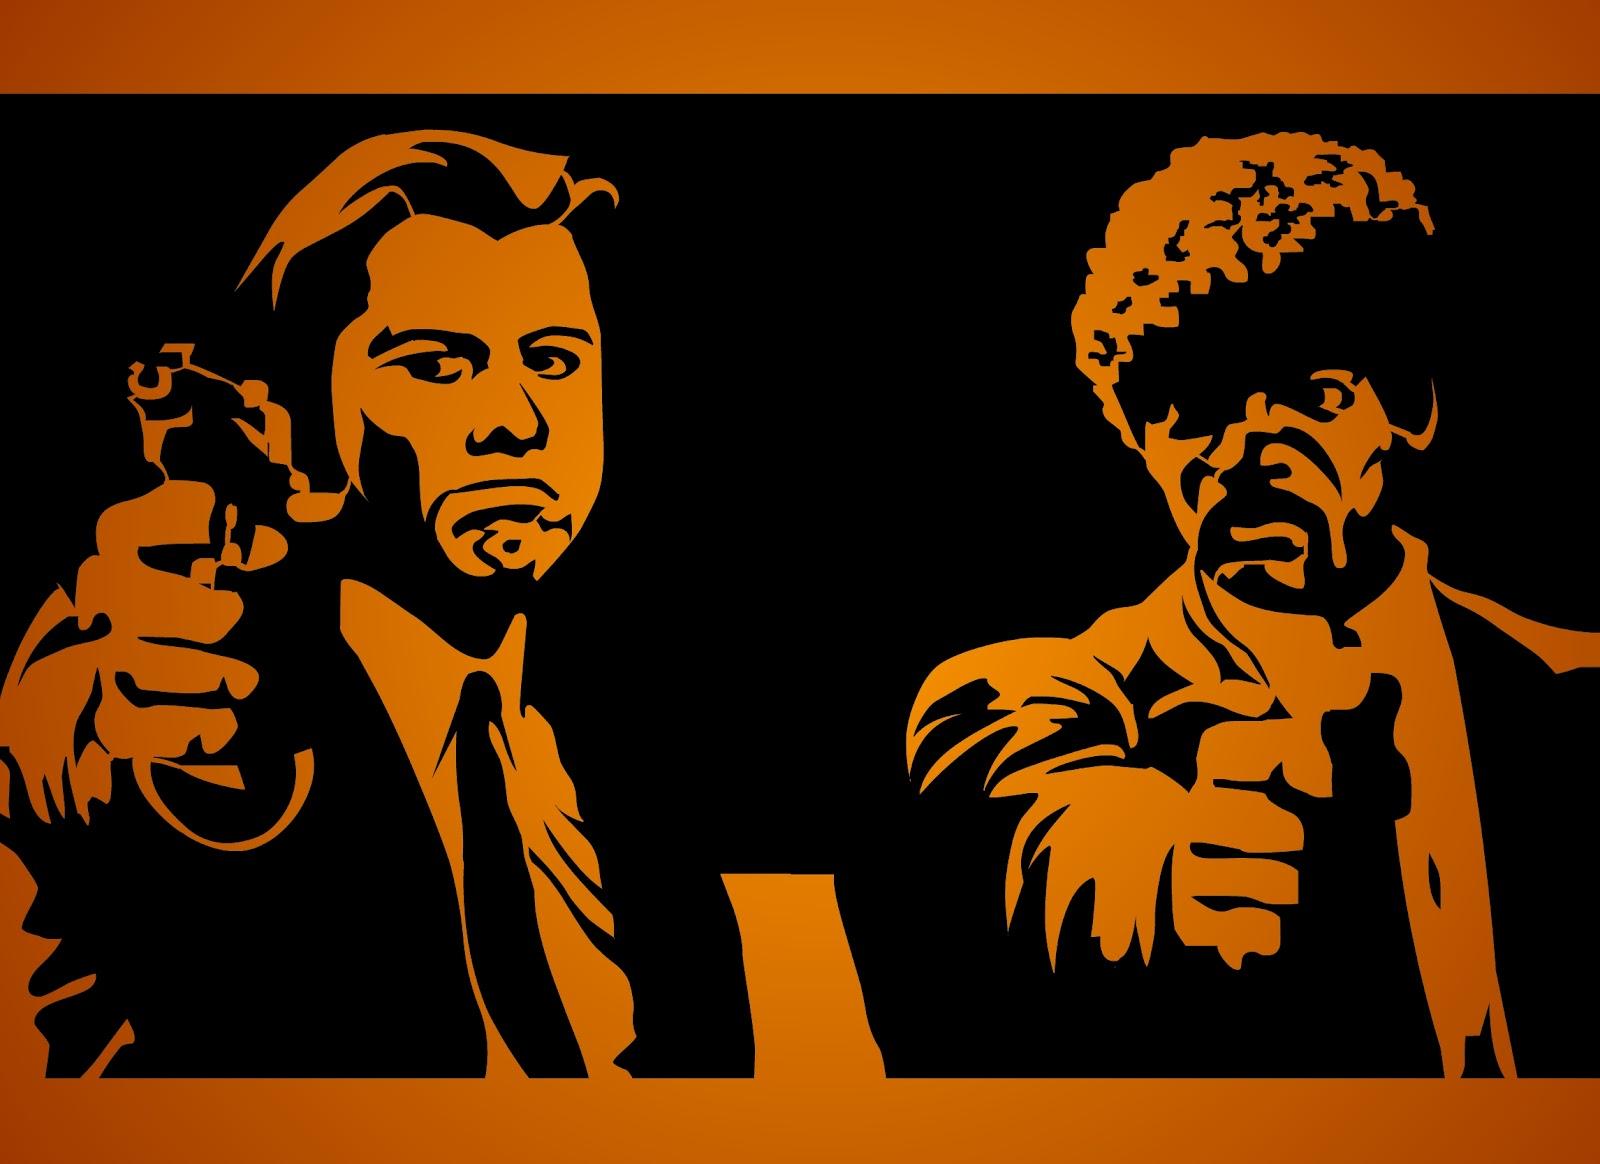 http://1.bp.blogspot.com/-W1_q3Jvg35E/TzkSs7COK7I/AAAAAAAAChA/tuEPrTncXEA/s1600/movies_pulp_fiction_samuel_l_jackson_john_travolta_desktop_2291x1666_wallpaper-306895.jpg